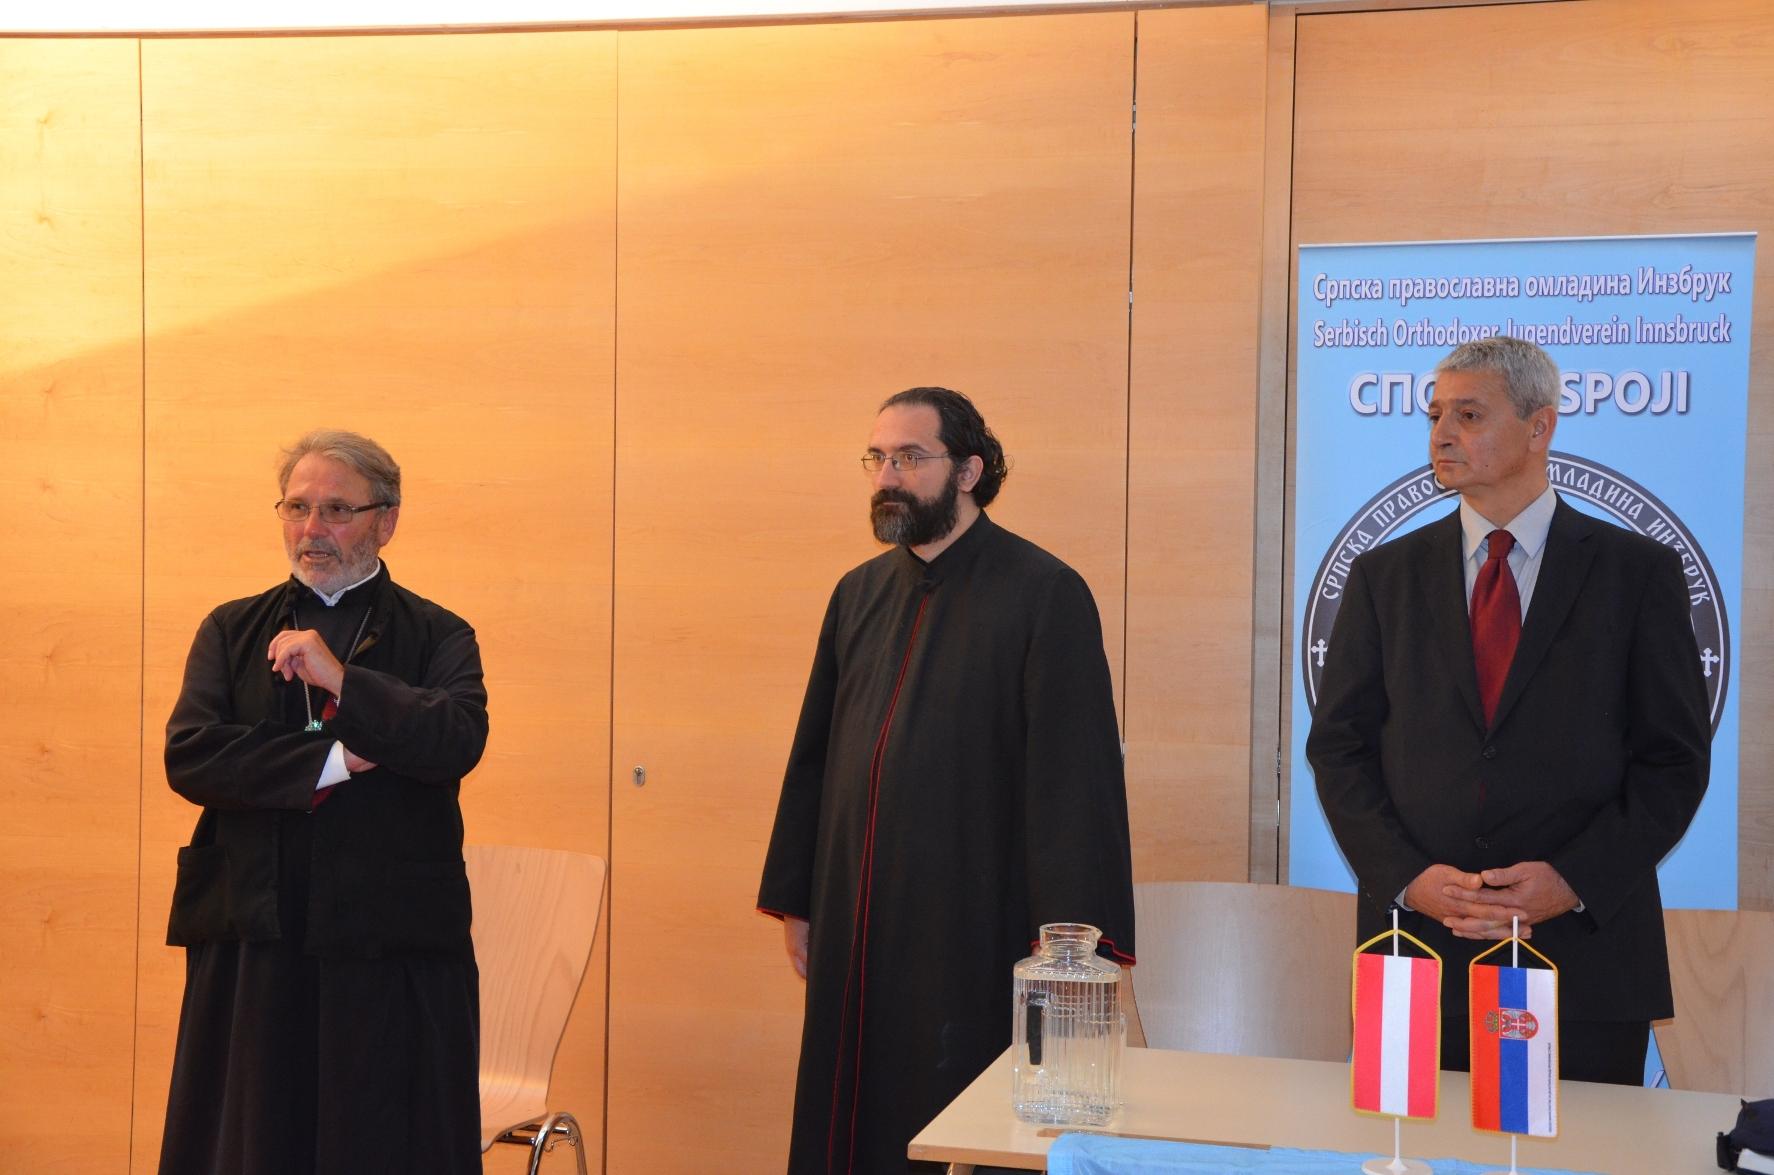 - Отац Слободан из Минхена поздравља све присутне у име оца Александра -